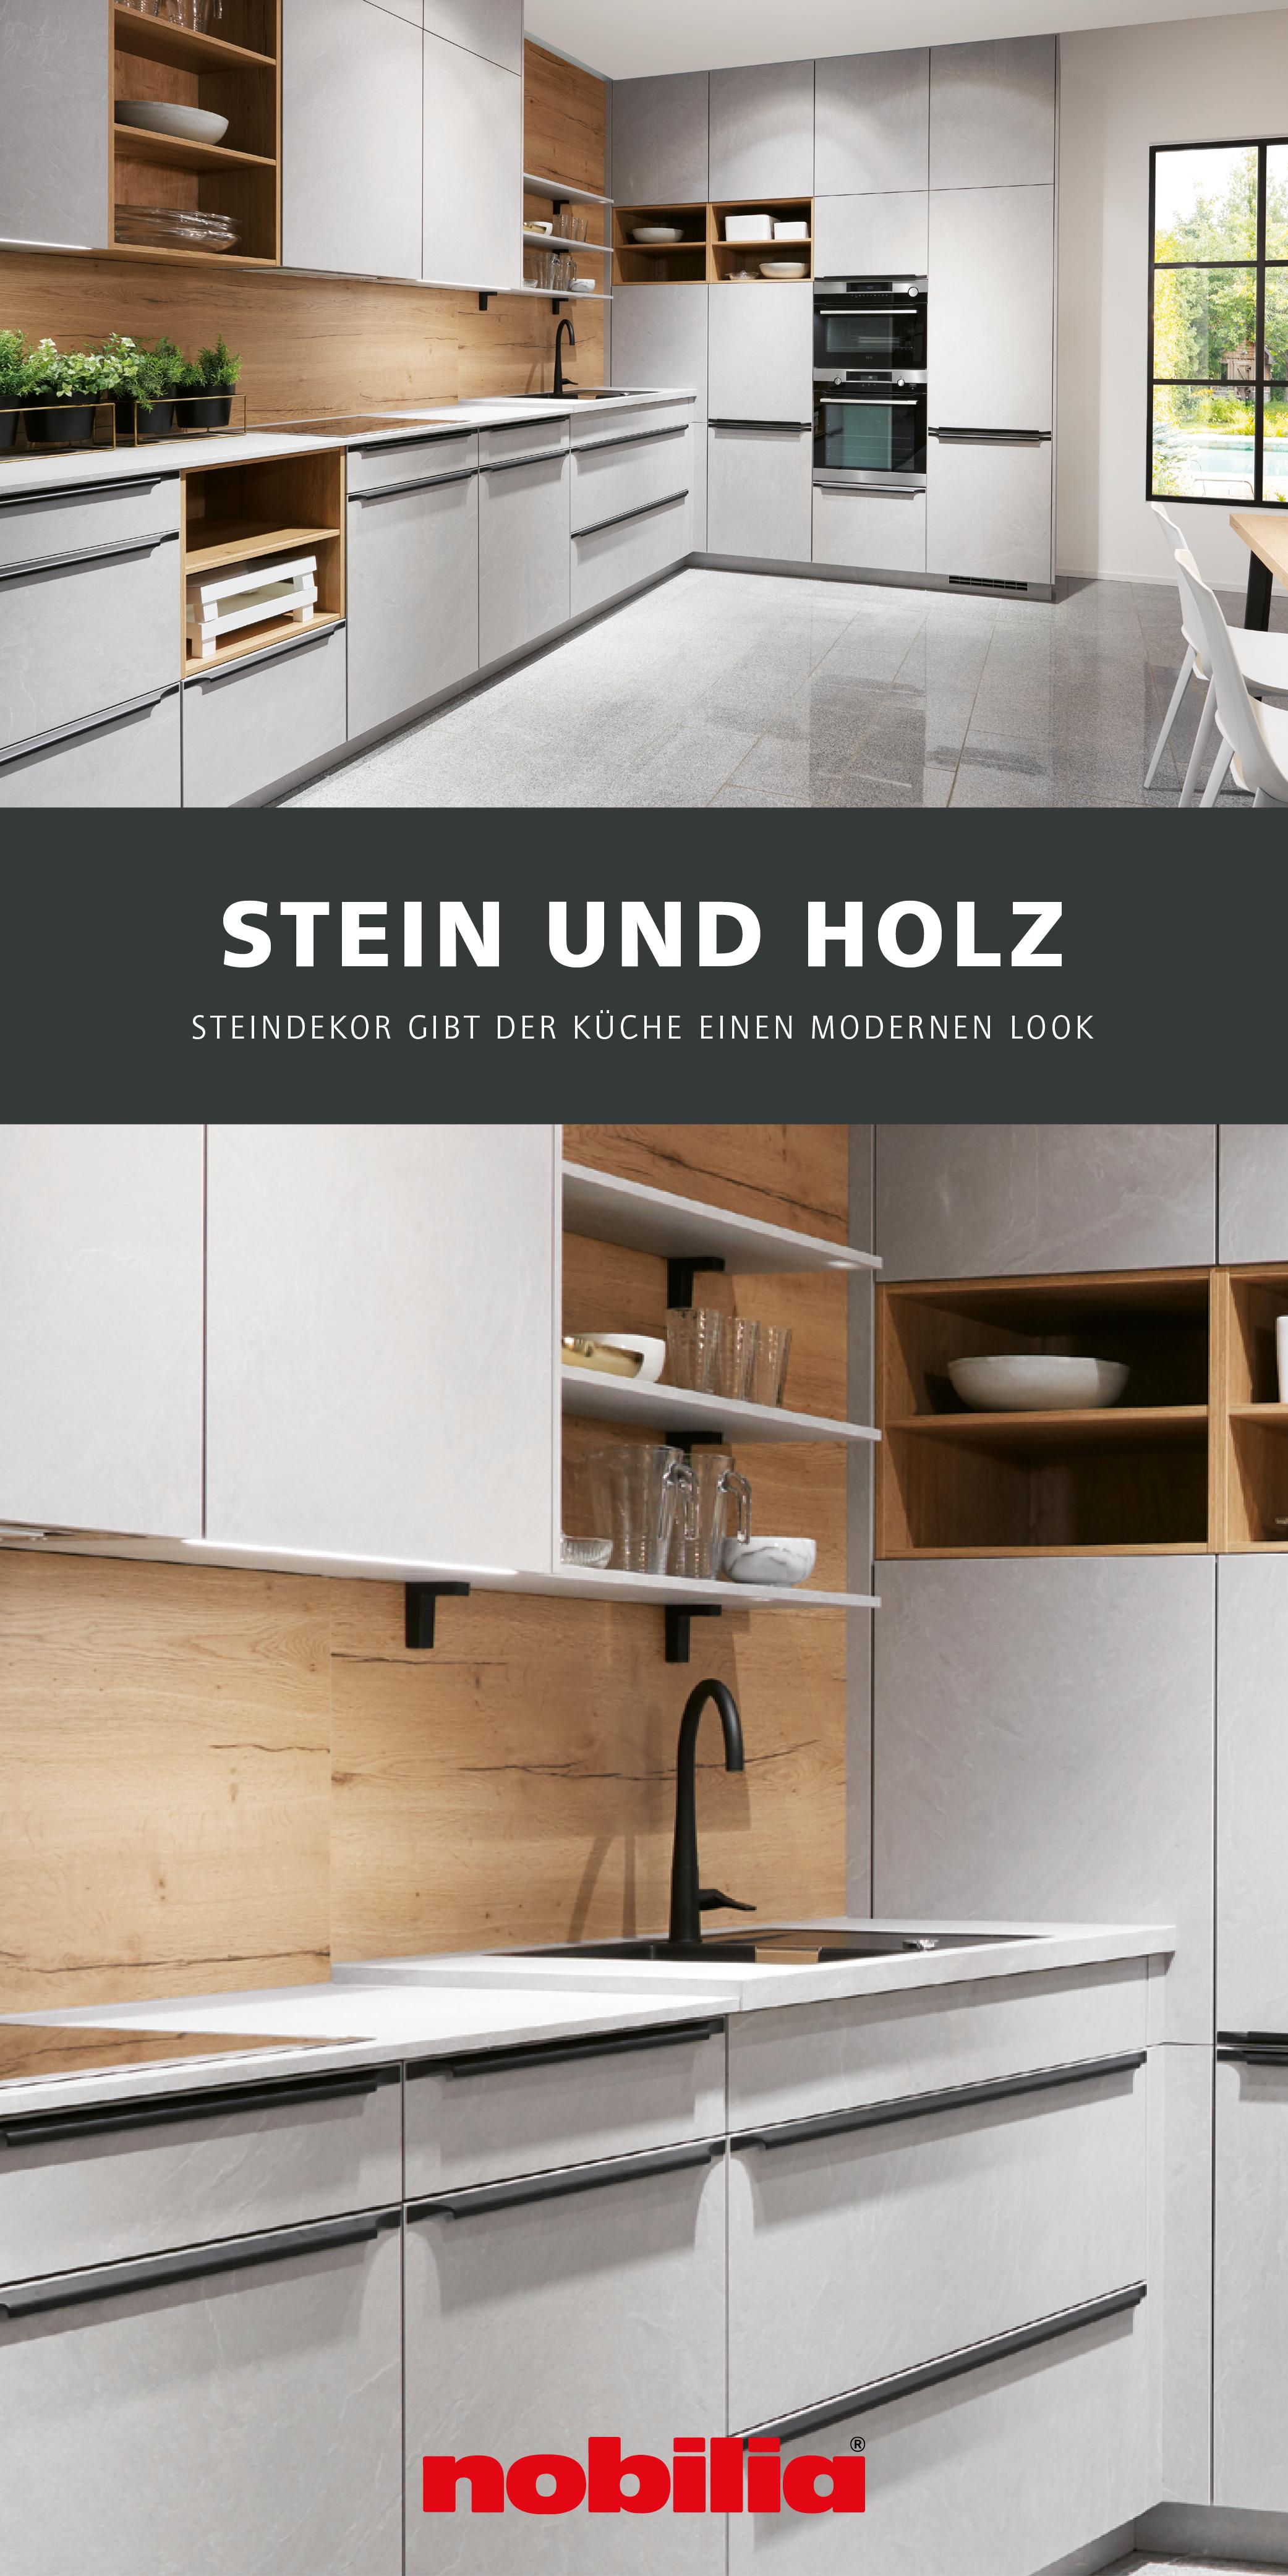 Küche in Steindekor von nobilia   Nobilia küchen, Moderne küche ...